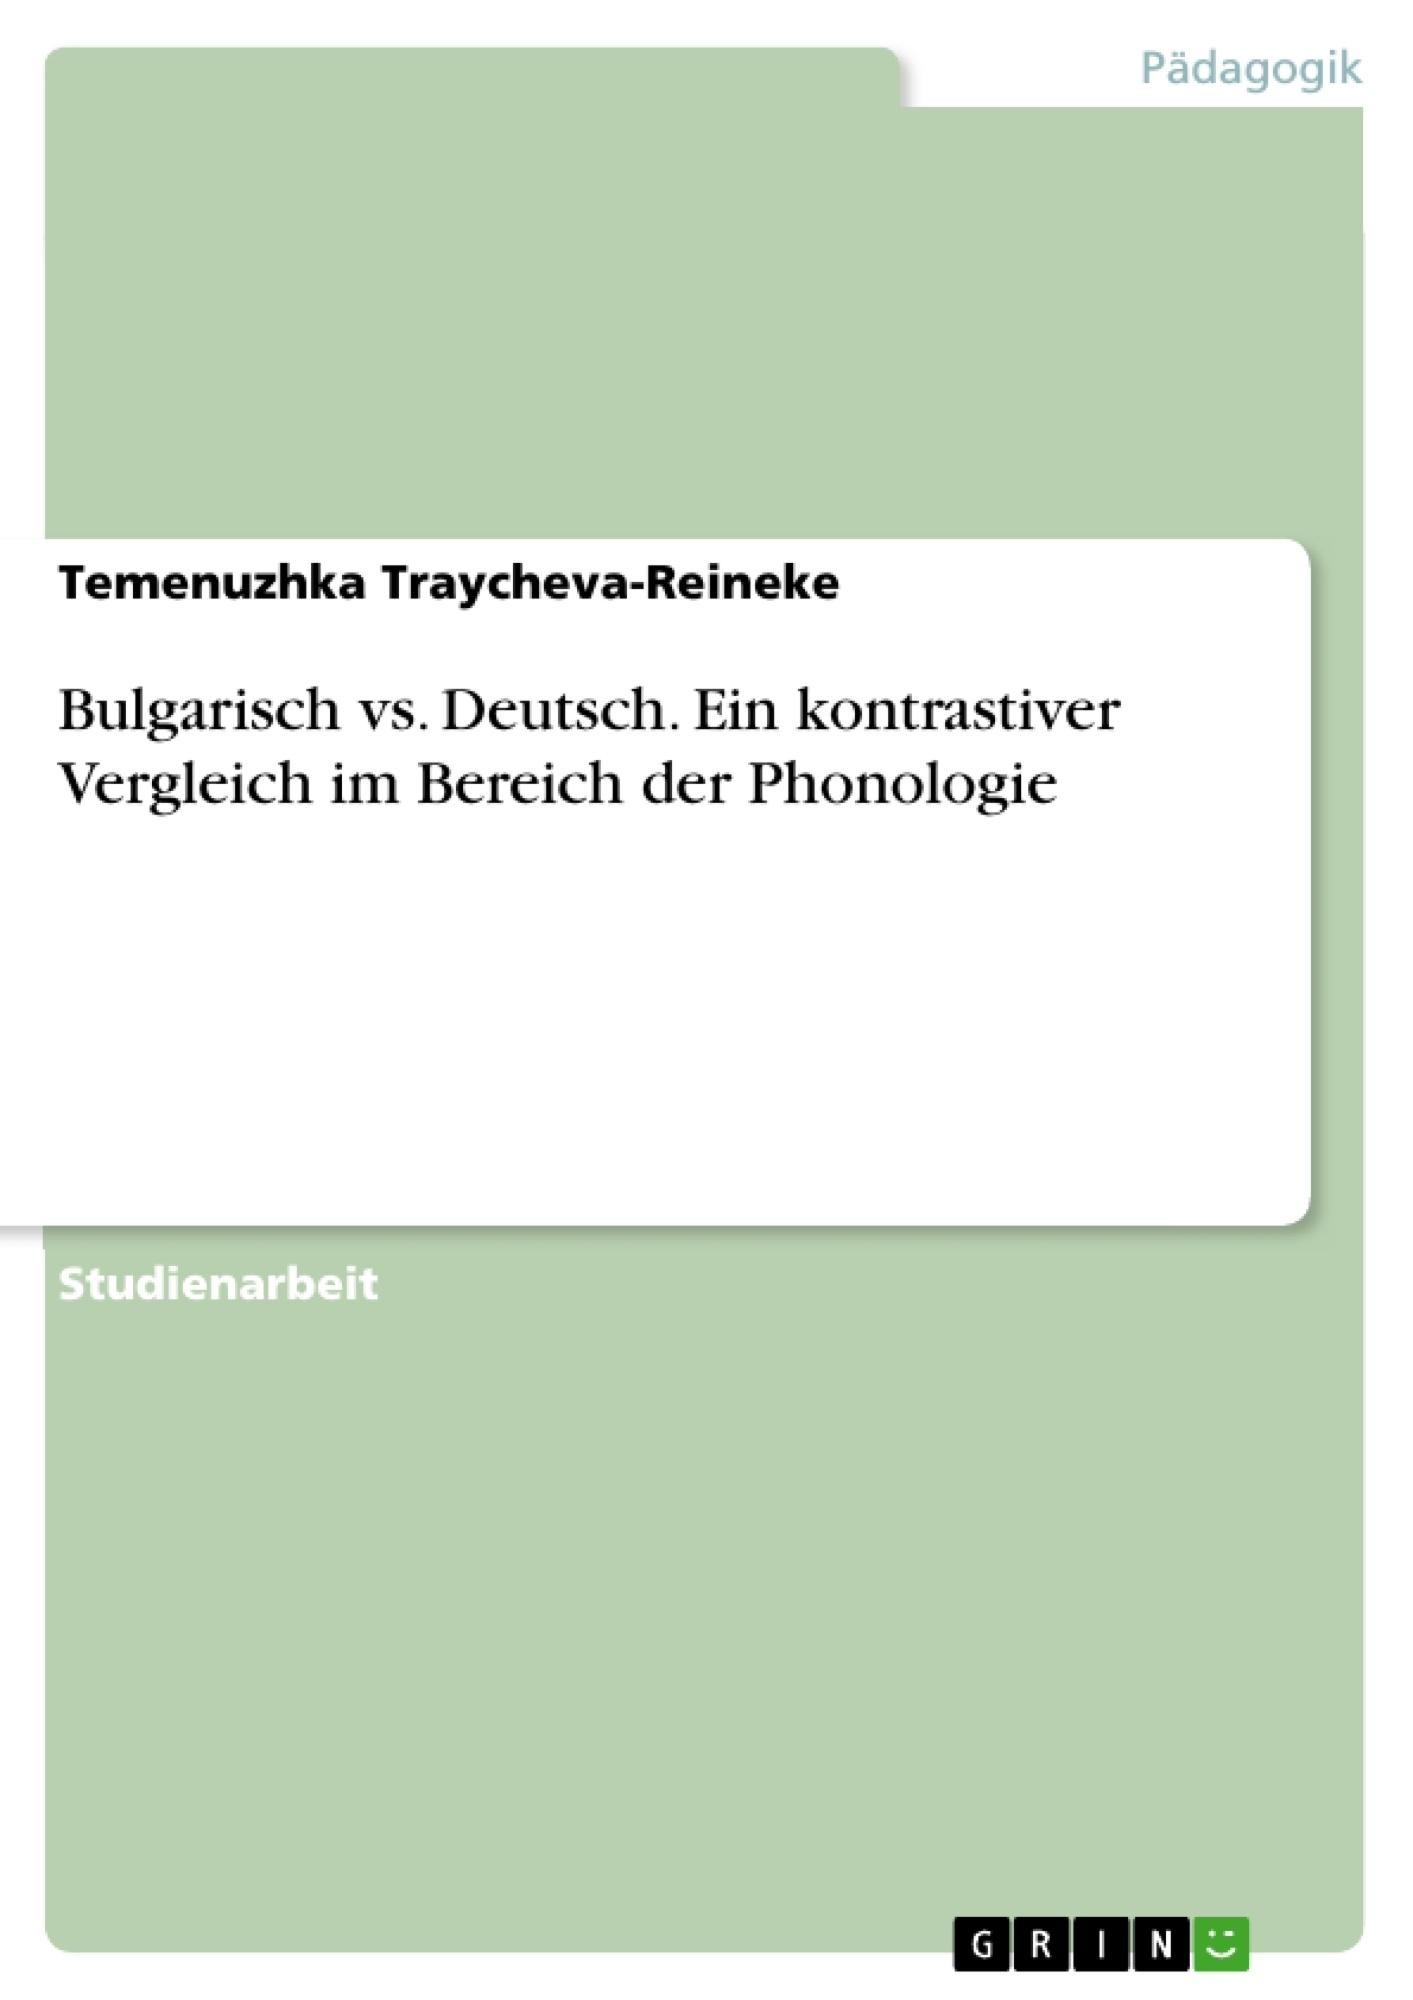 Titel: Bulgarisch vs. Deutsch. Ein kontrastiver Vergleich im Bereich der Phonologie